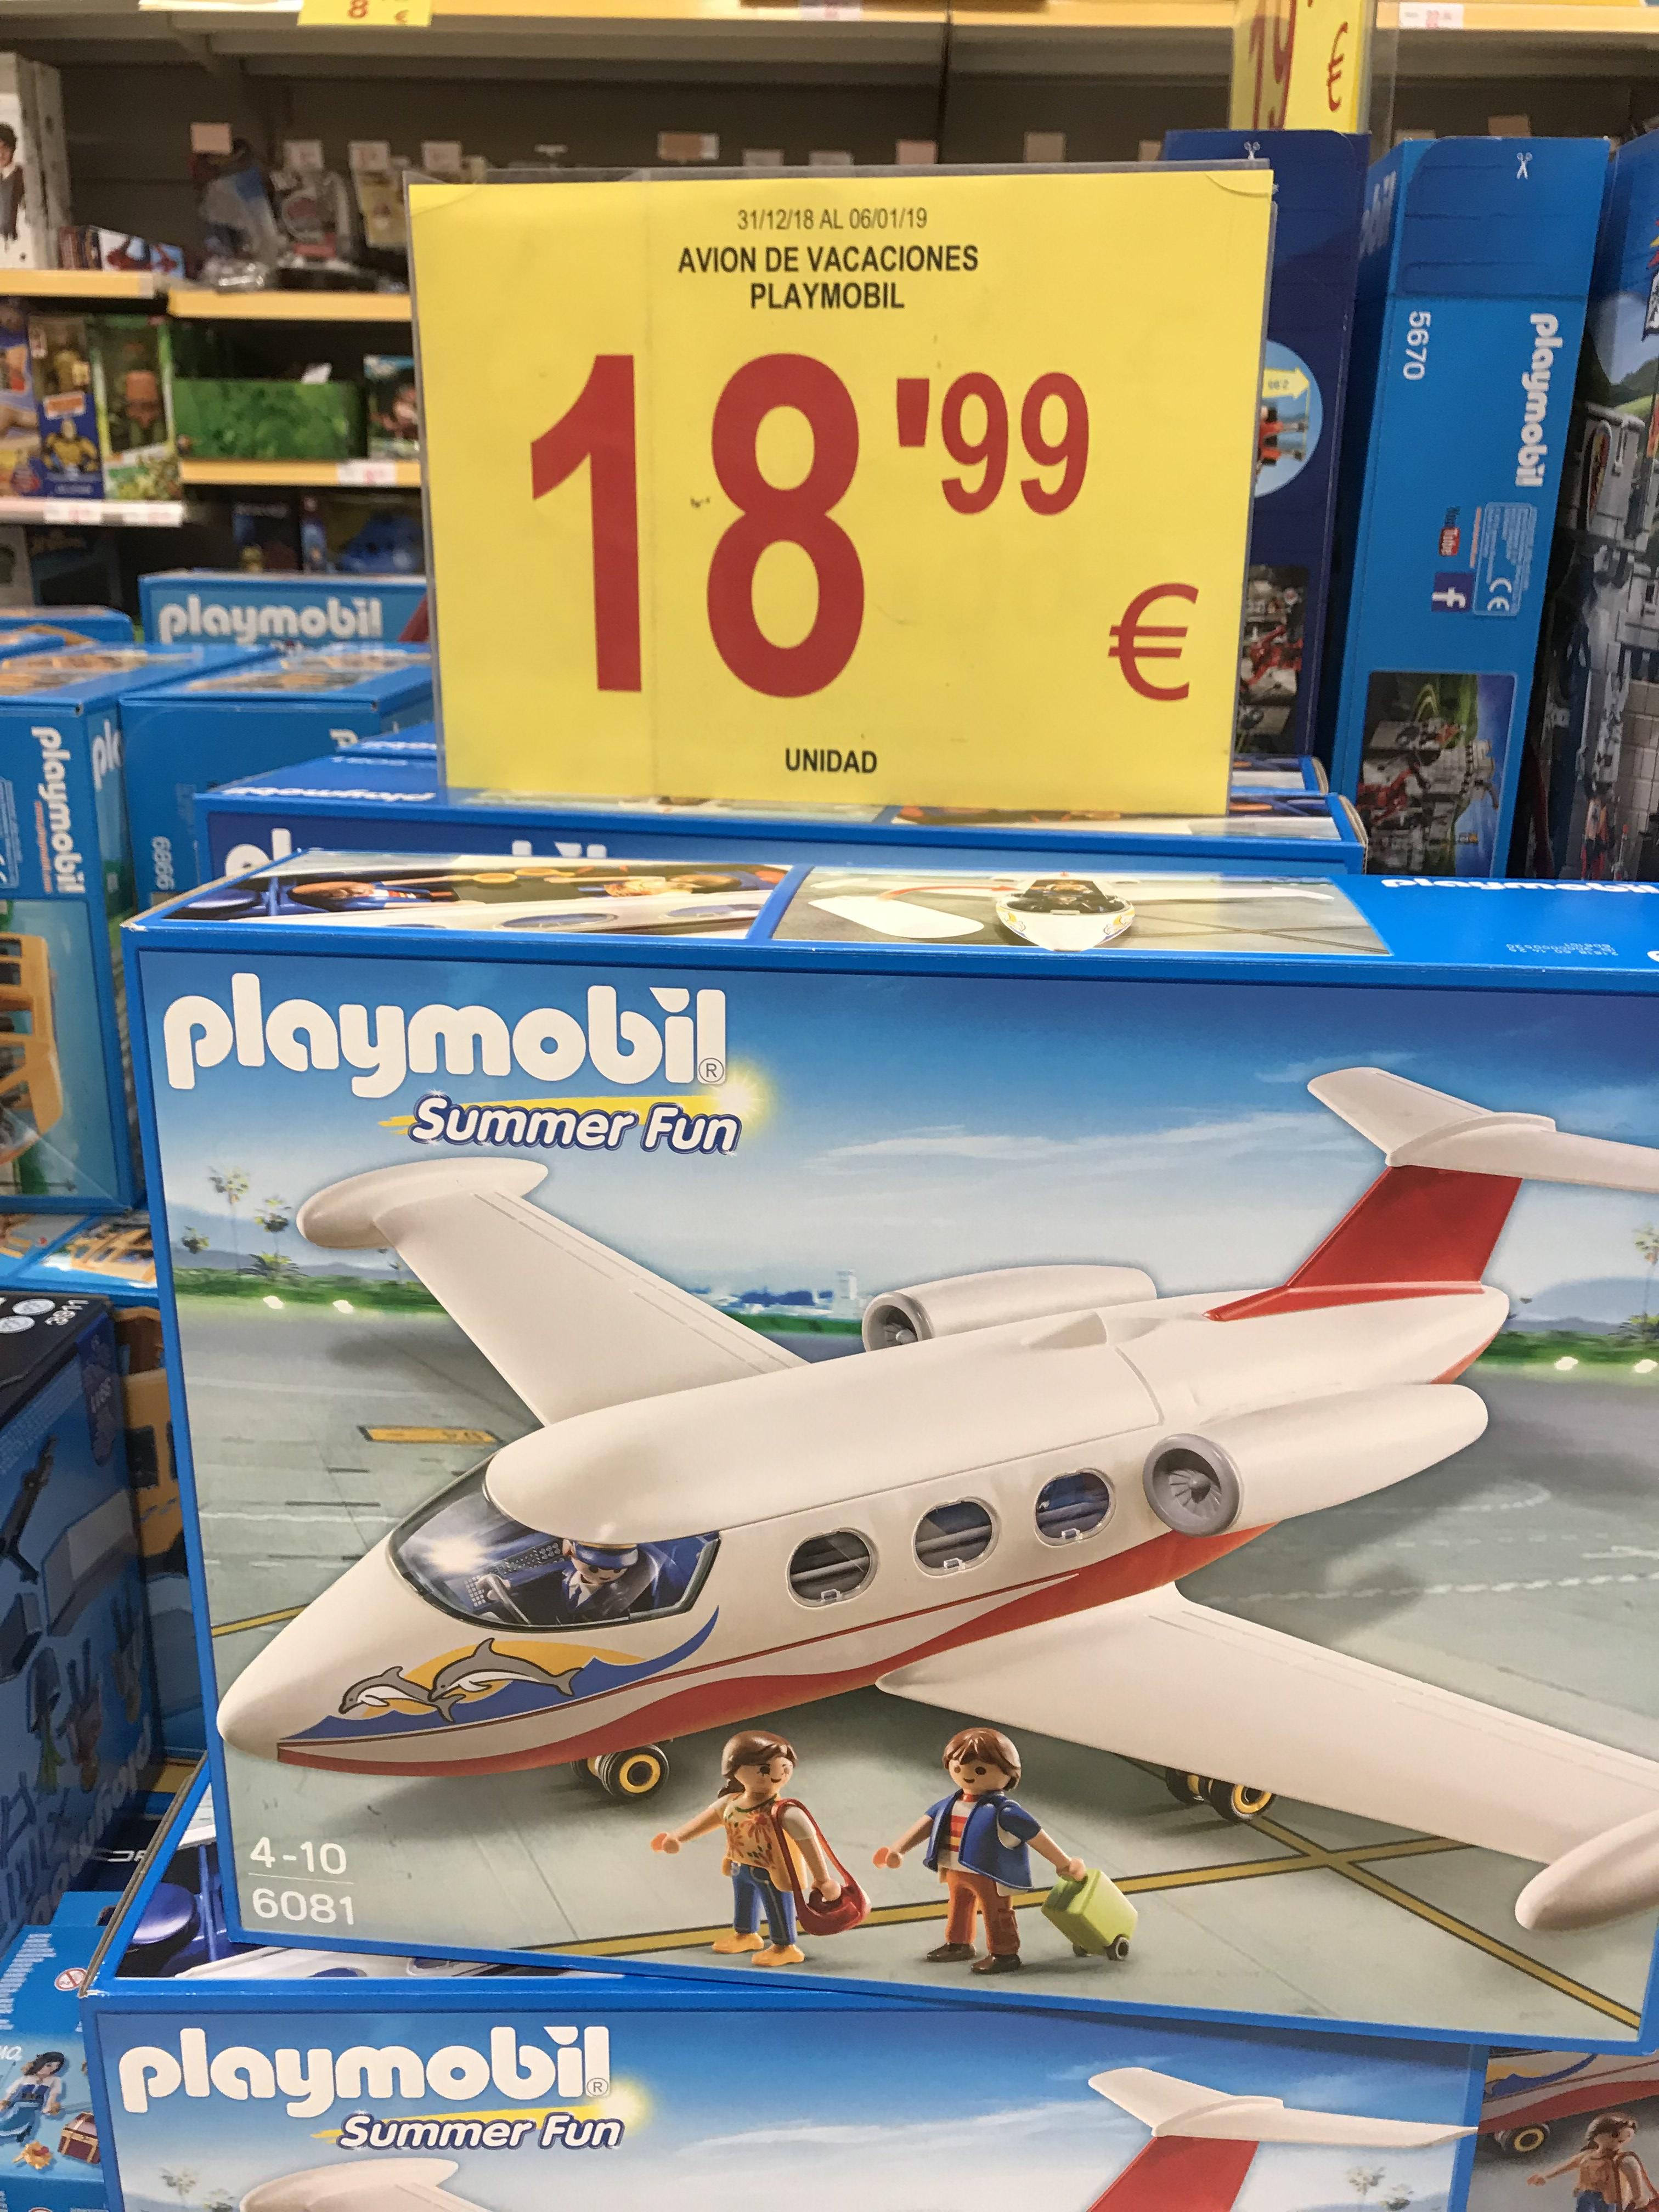 ¡Avión de vacaciones de Playmobil 18,99€! Alcampo